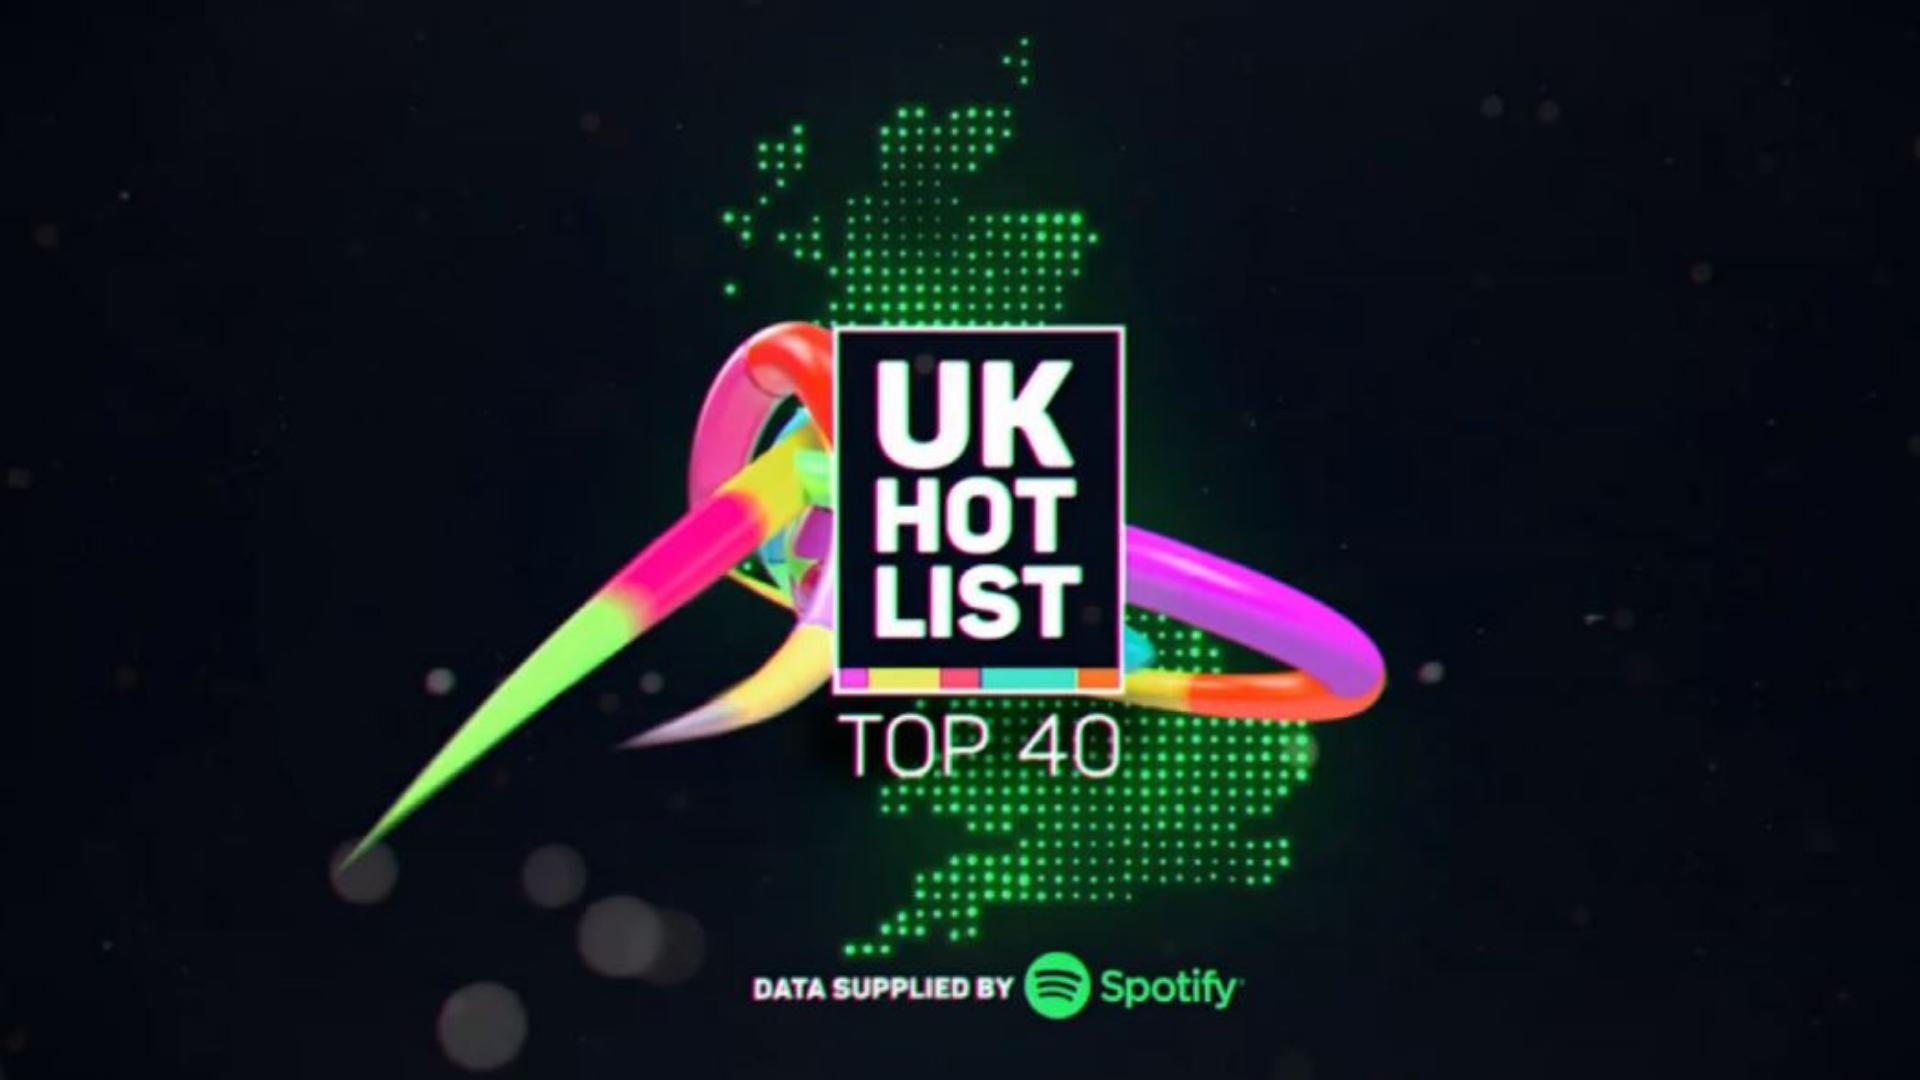 UK HOTLIST Top 40